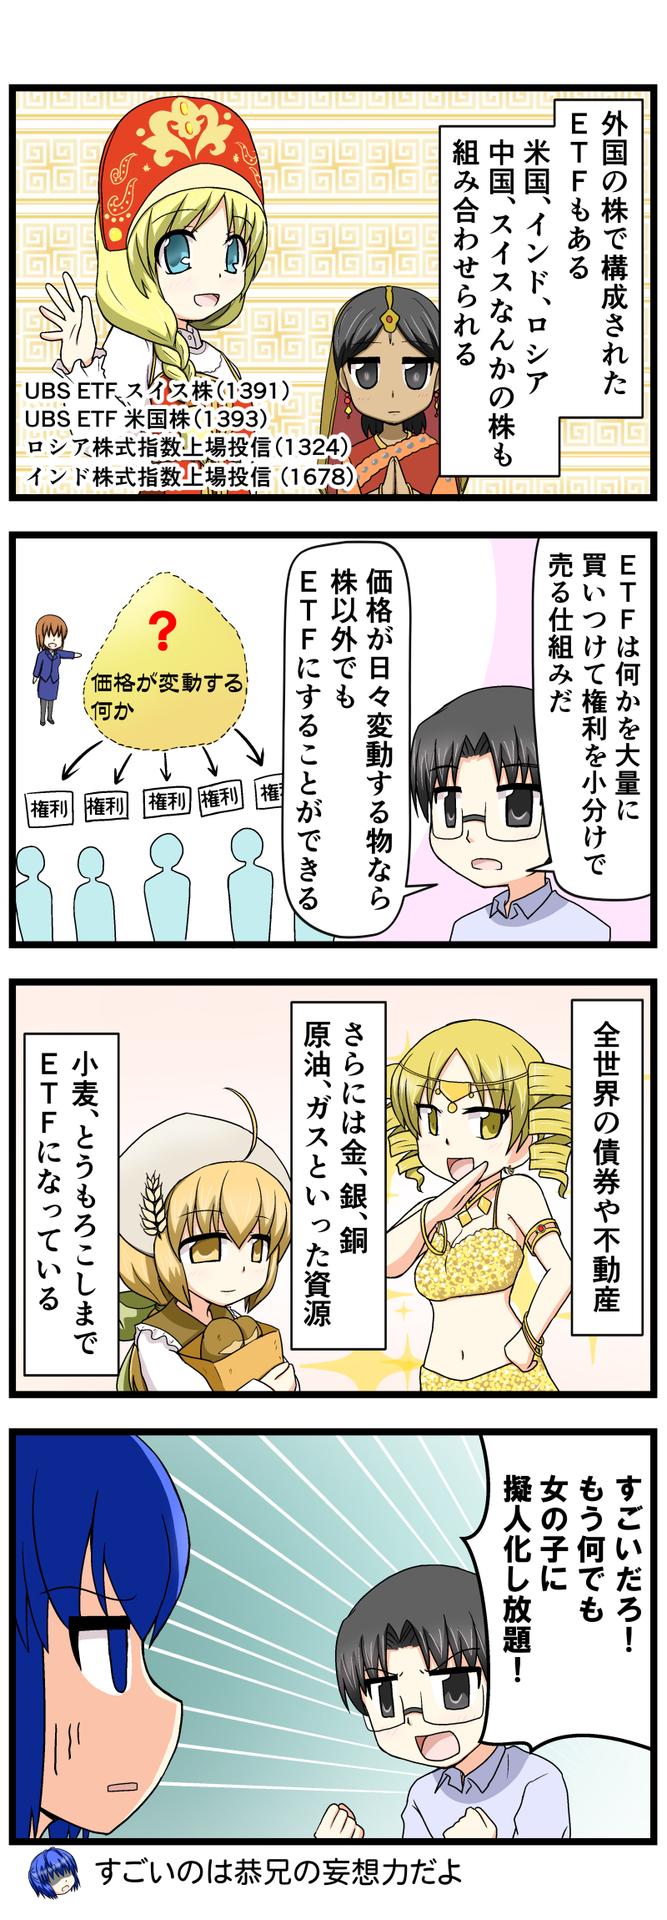 萌える株セミナー74.jpg